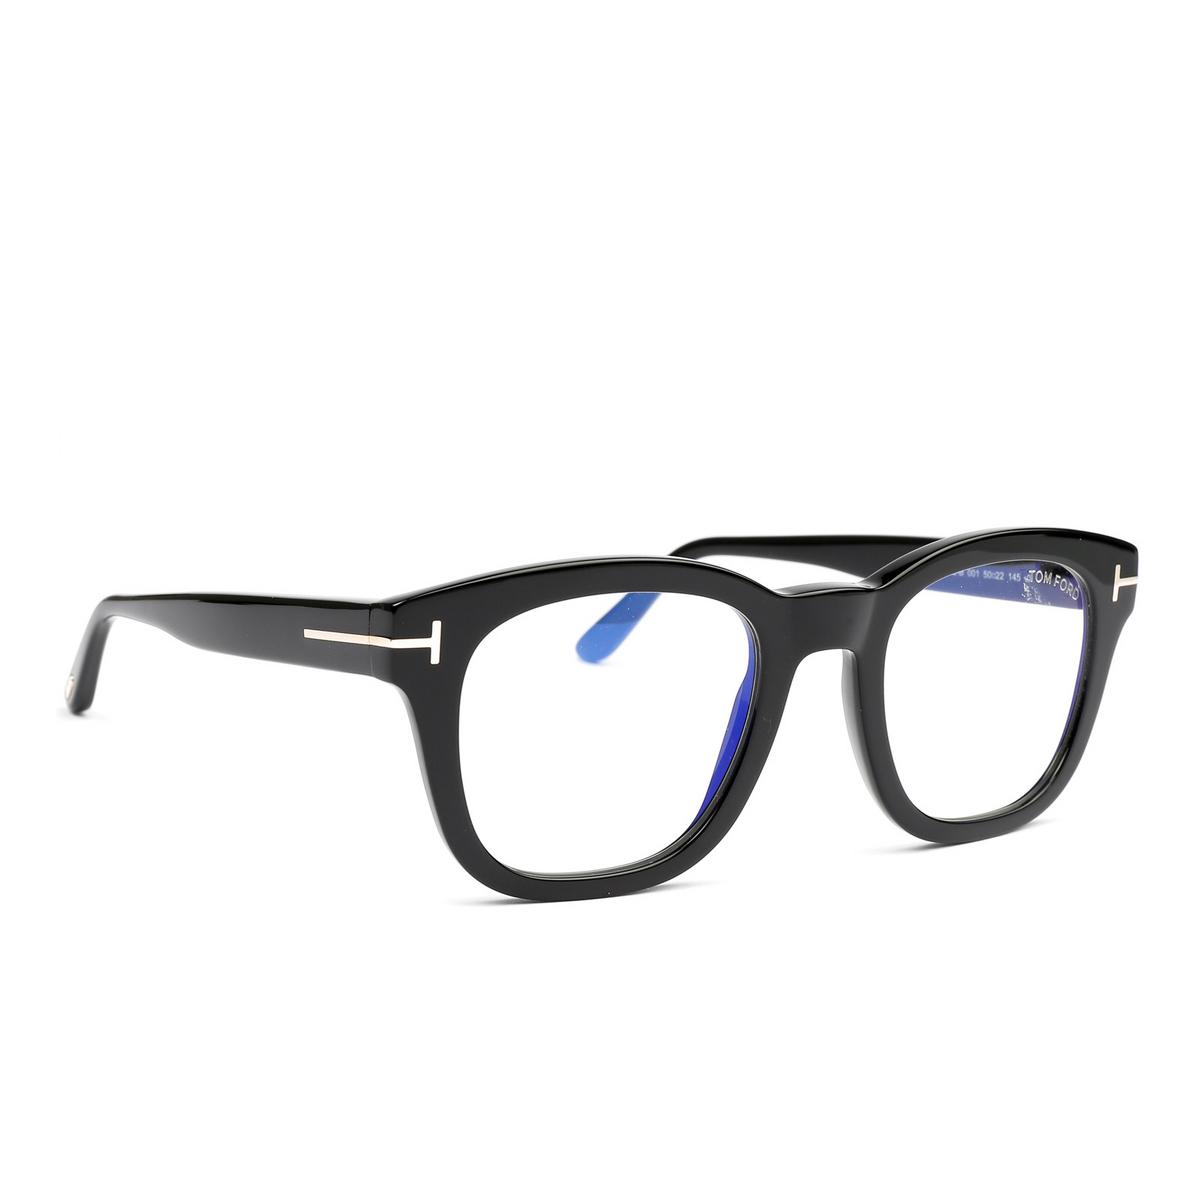 Tom Ford® Square Eyeglasses: FT5542-B color Black 001 - three-quarters view.